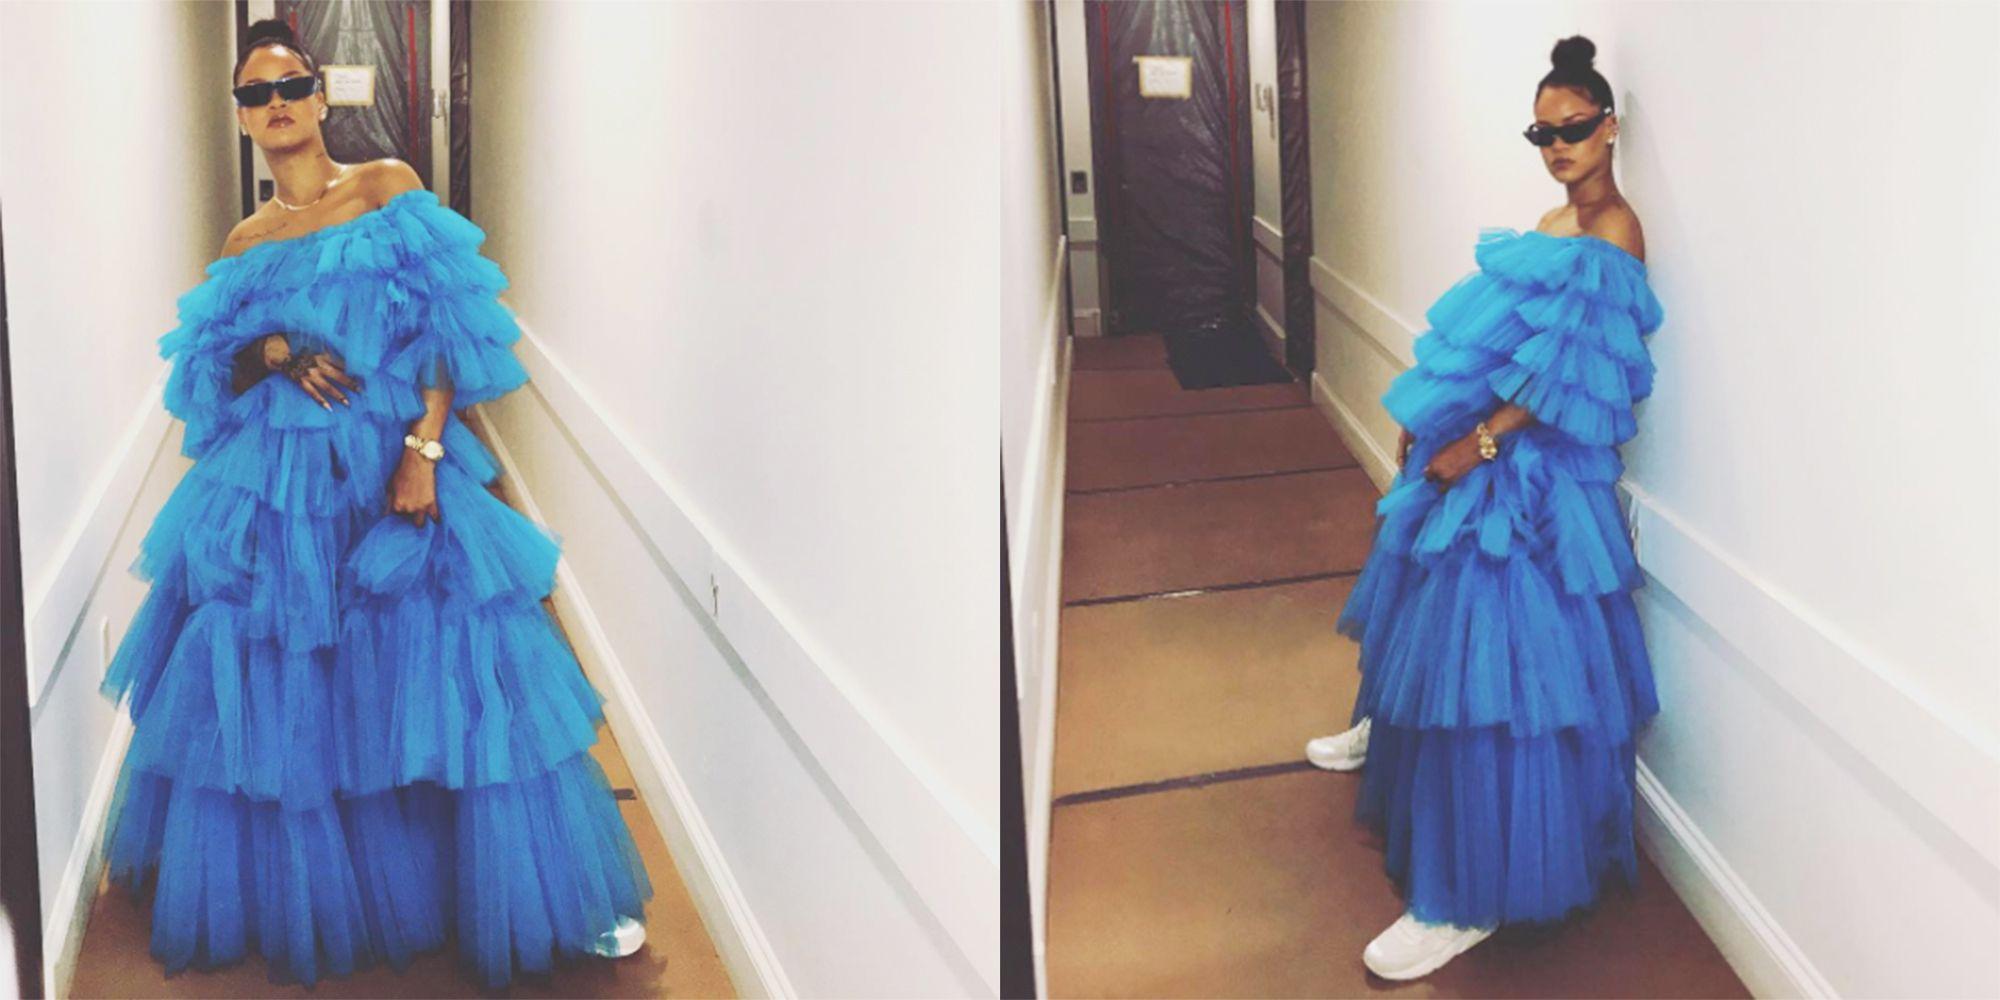 hbz-rihanna-blue-gown-1507737858.jpg